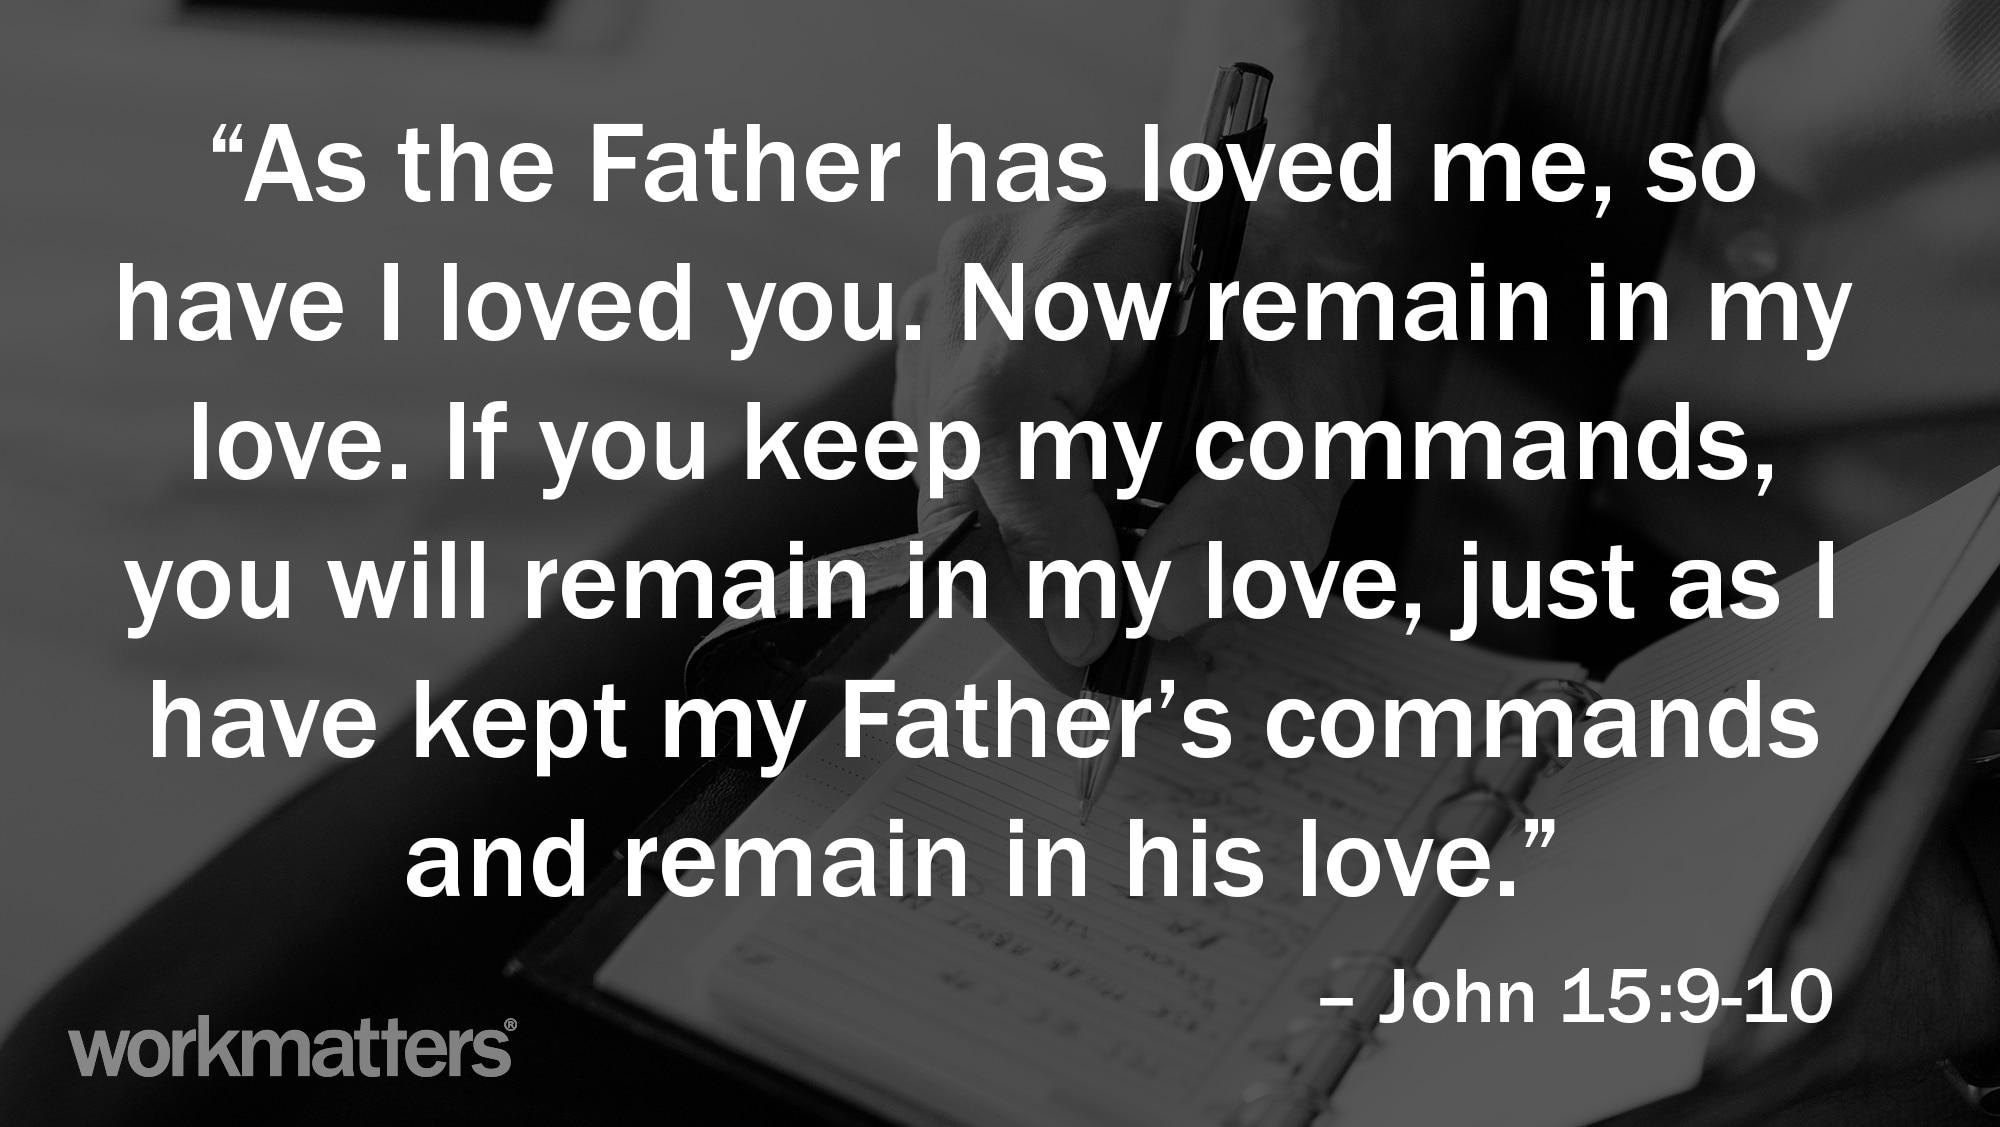 John 15:9-10